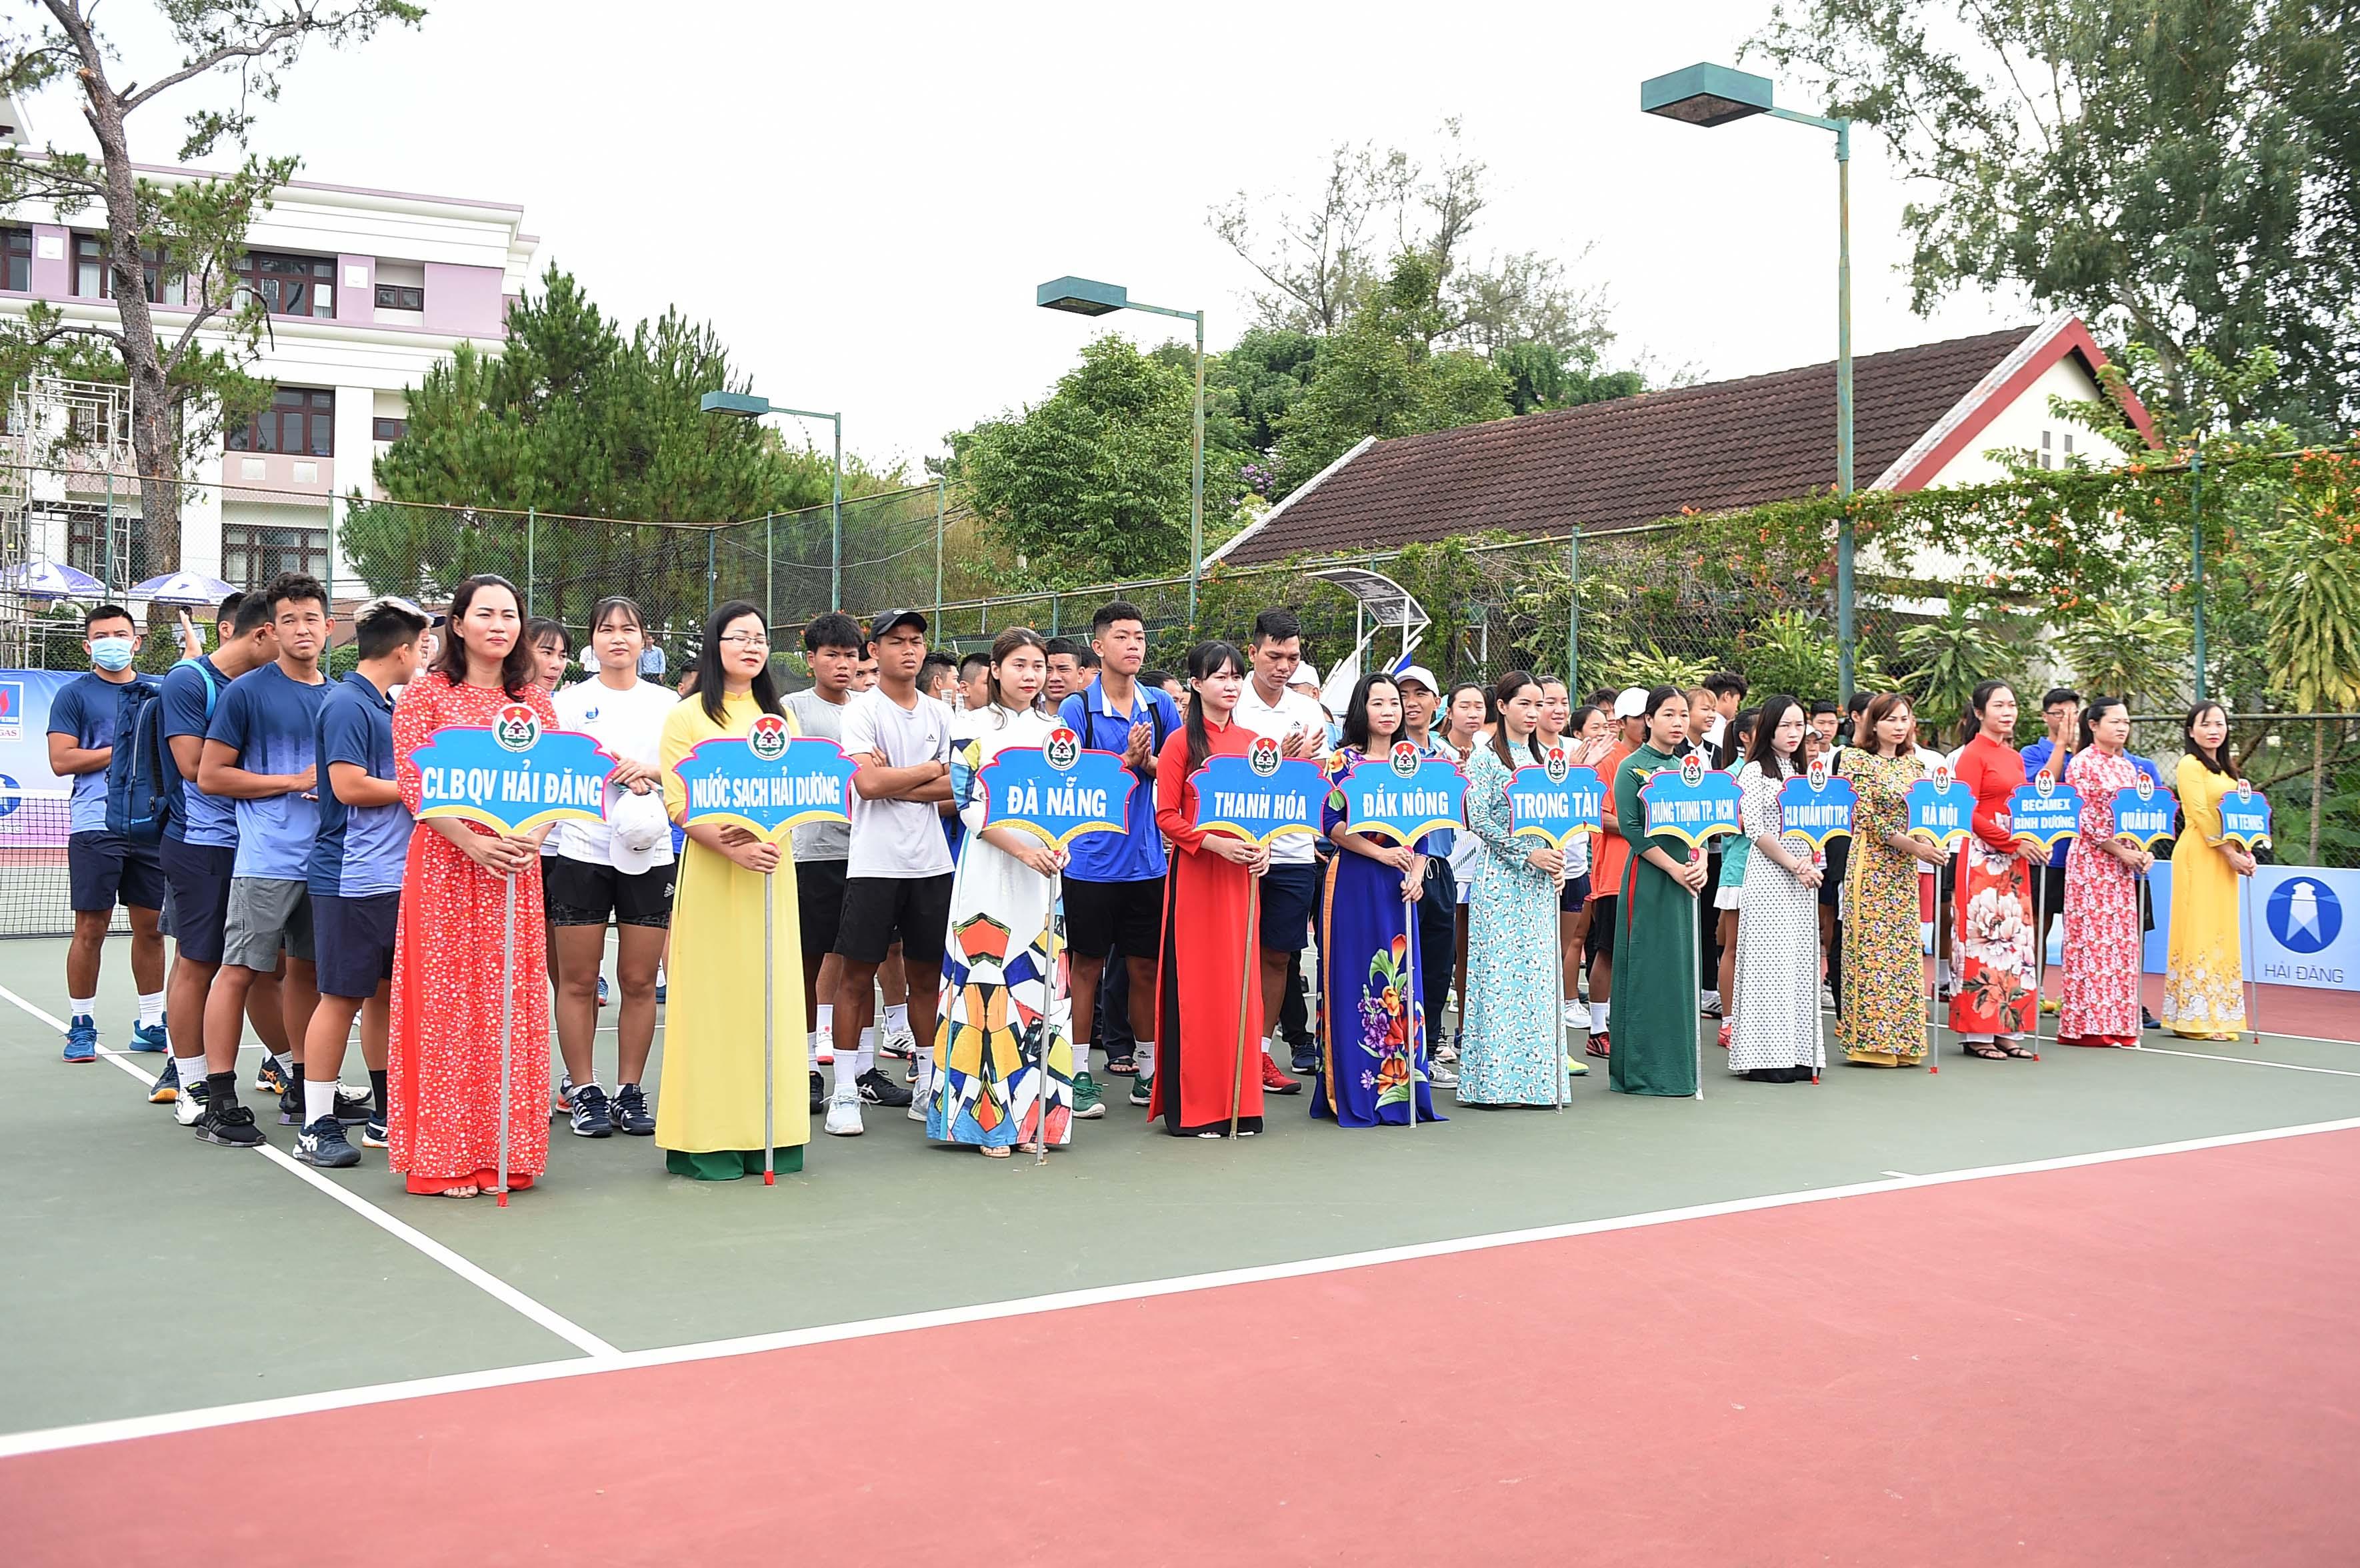 Hình ảnh: Giải quần vợt Vô địch Đồng đội Quốc gia – Đăk Nông 2021: TP.HCM khởi đầu thuận lợi số 1